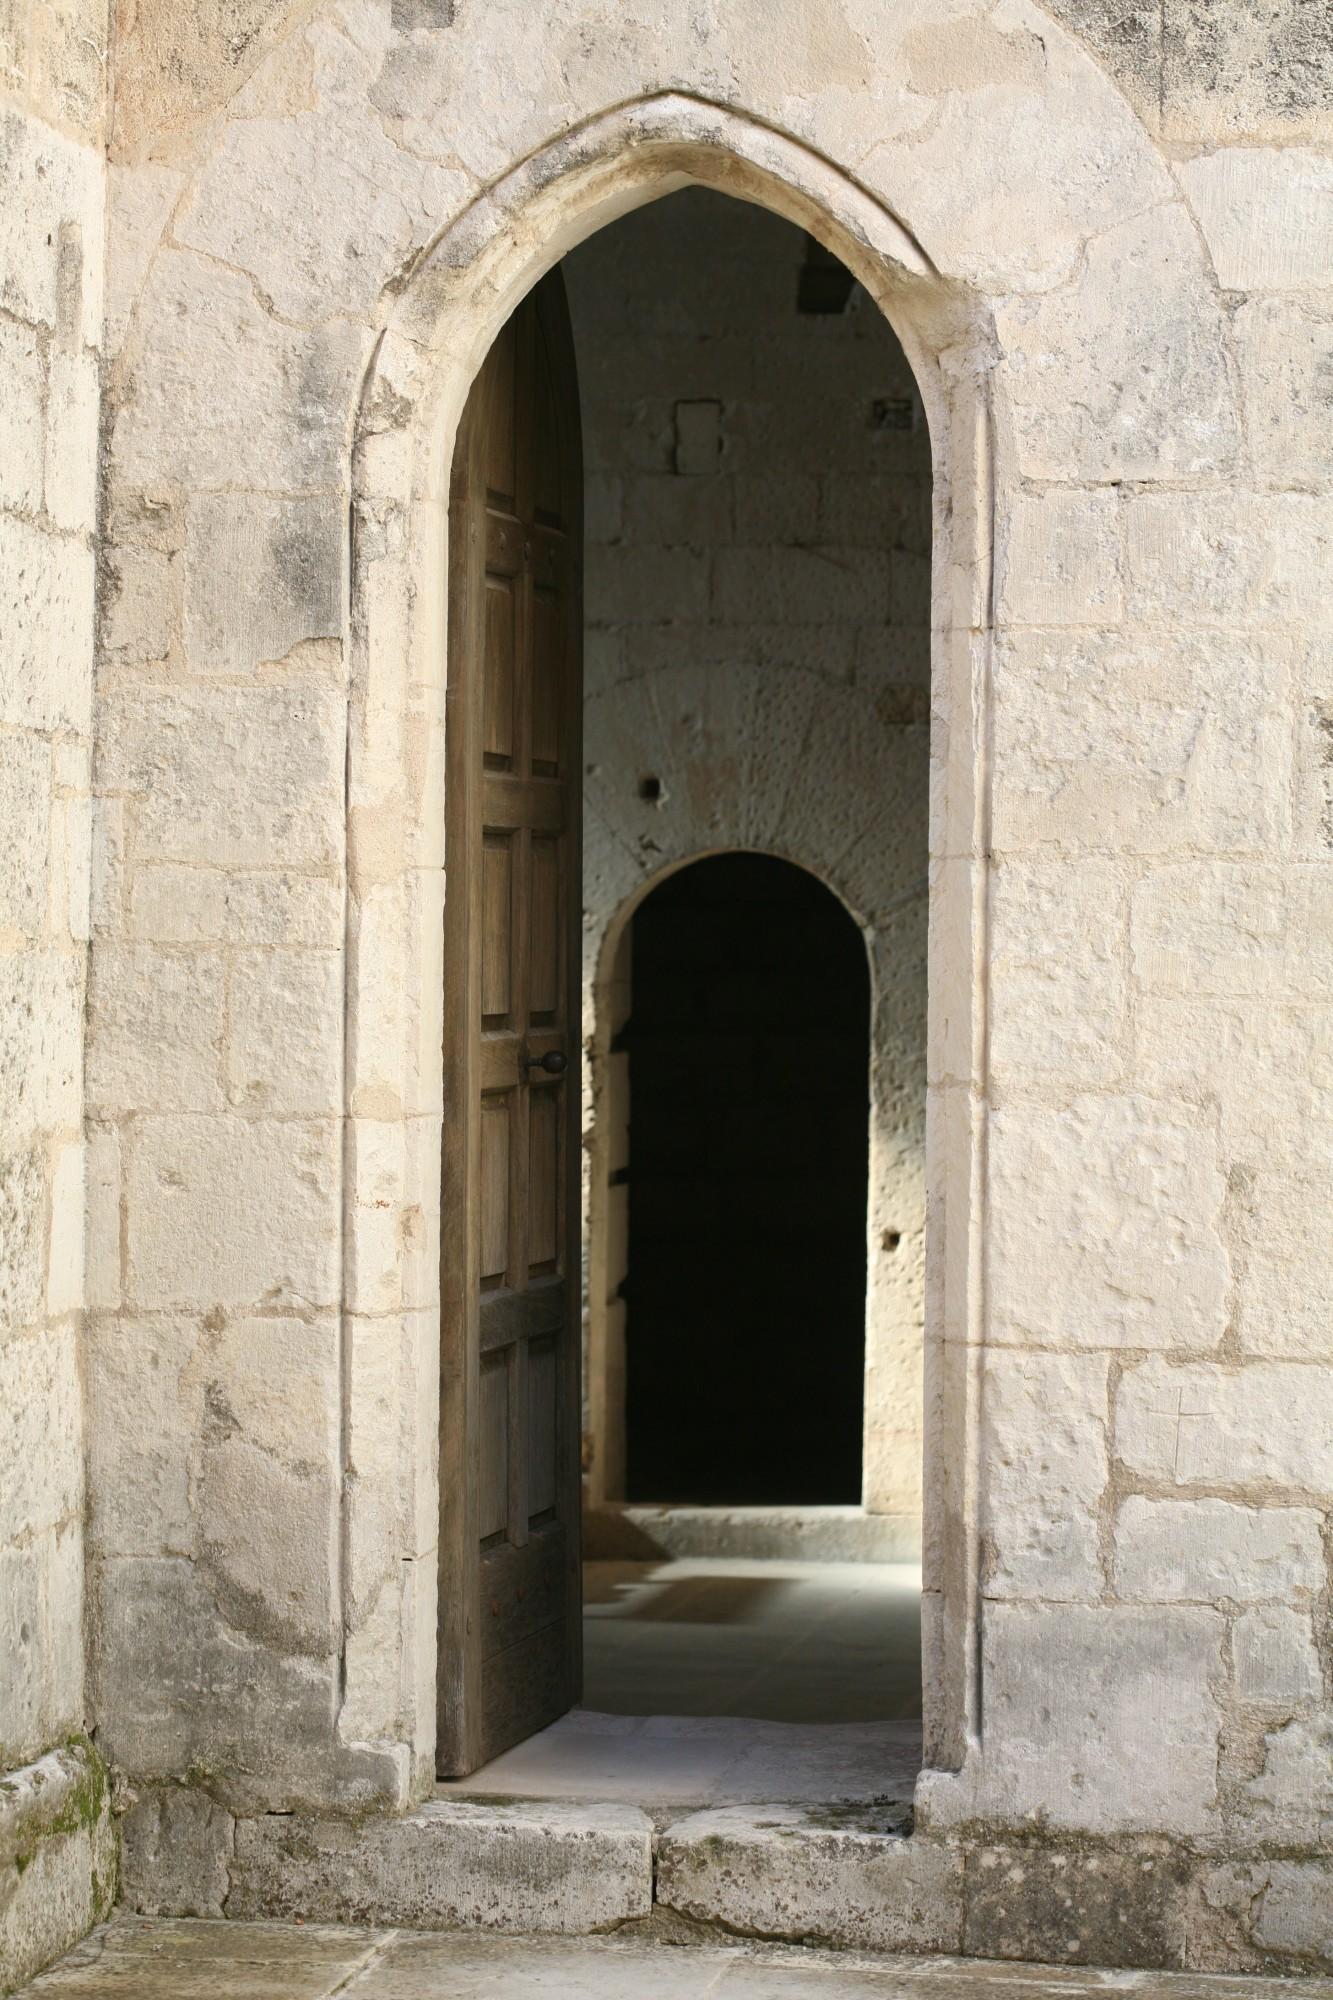 Porte avec linteaux en ogive, Abbaye de Saint-Hilaire à Ménerbes